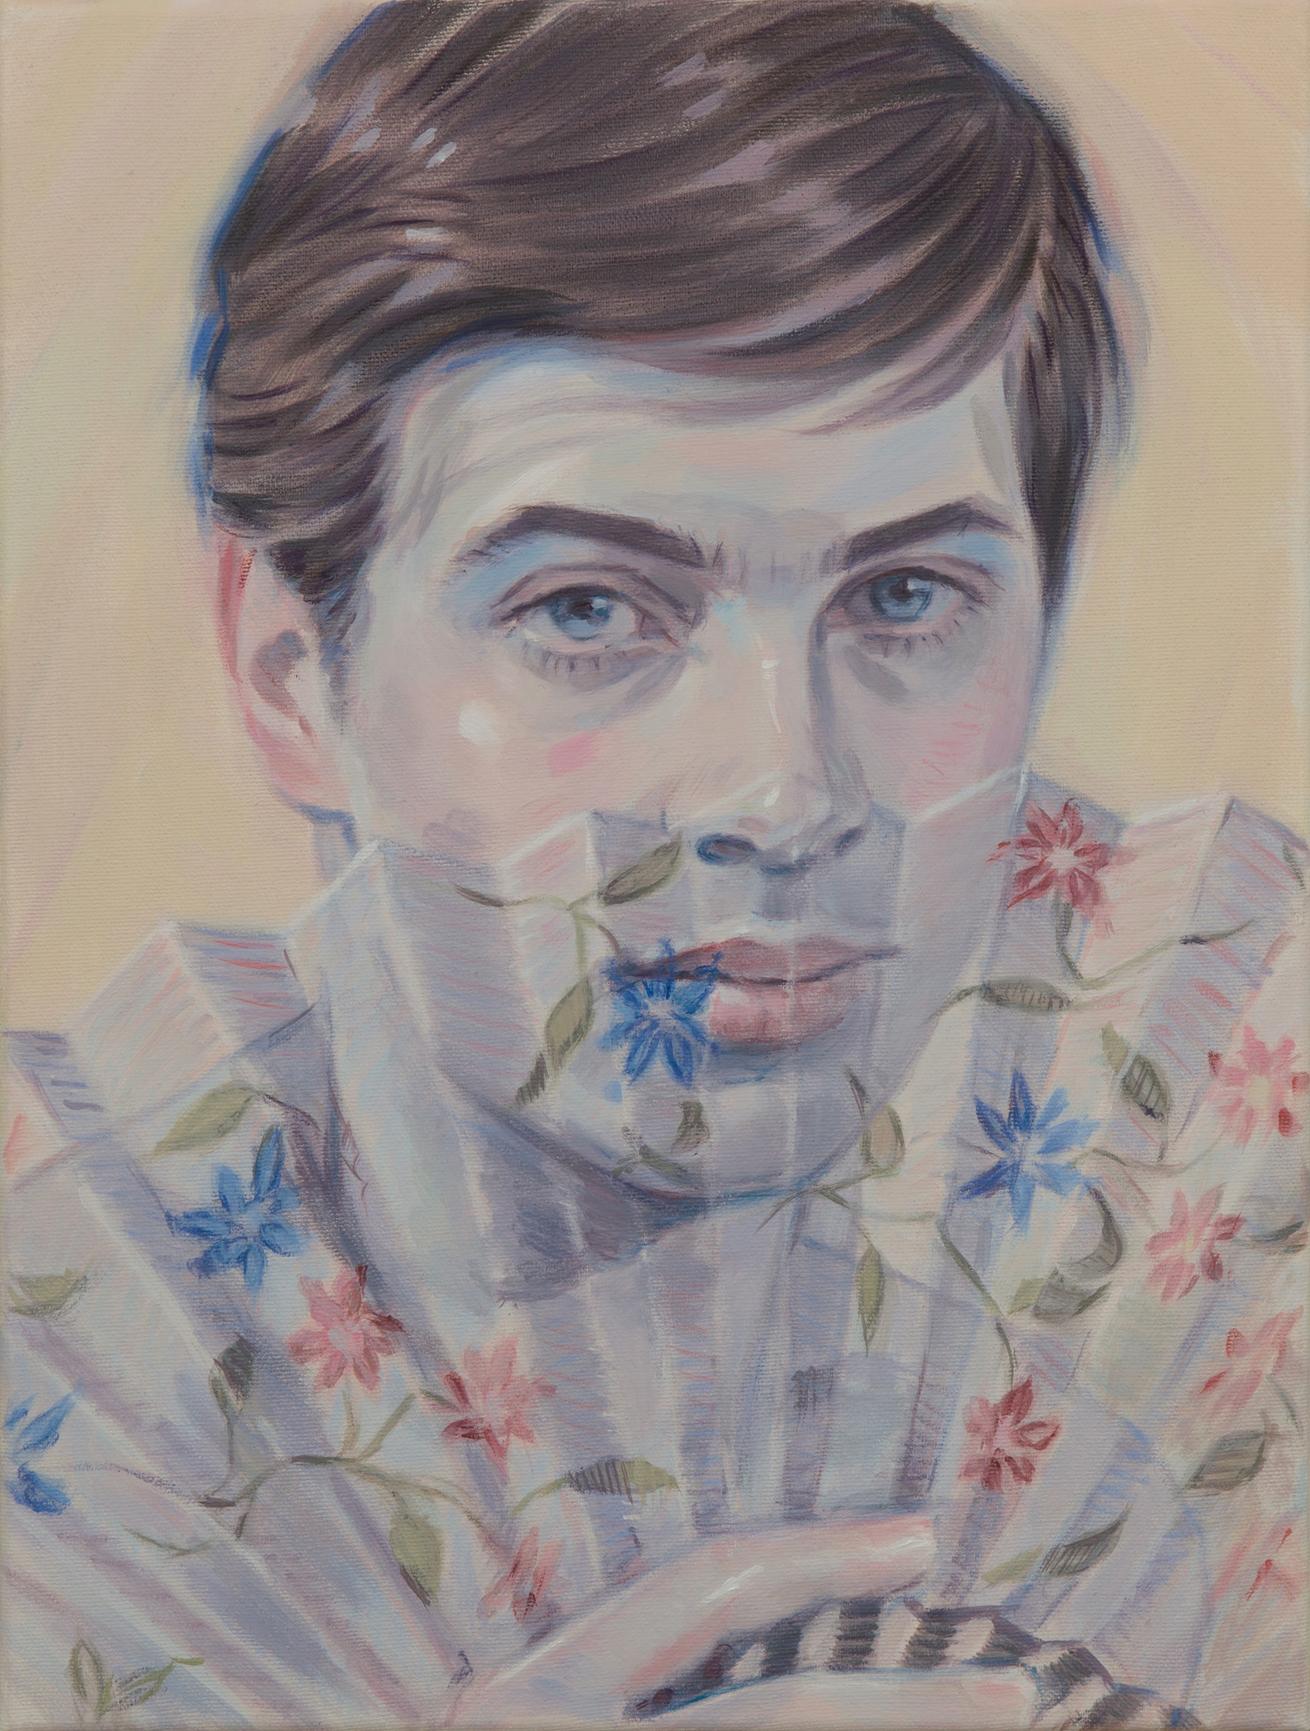 """Kris Knight,  Floral Screen , 2018, huile sur toile, 41 x 30 cm (16"""" x 12"""")"""